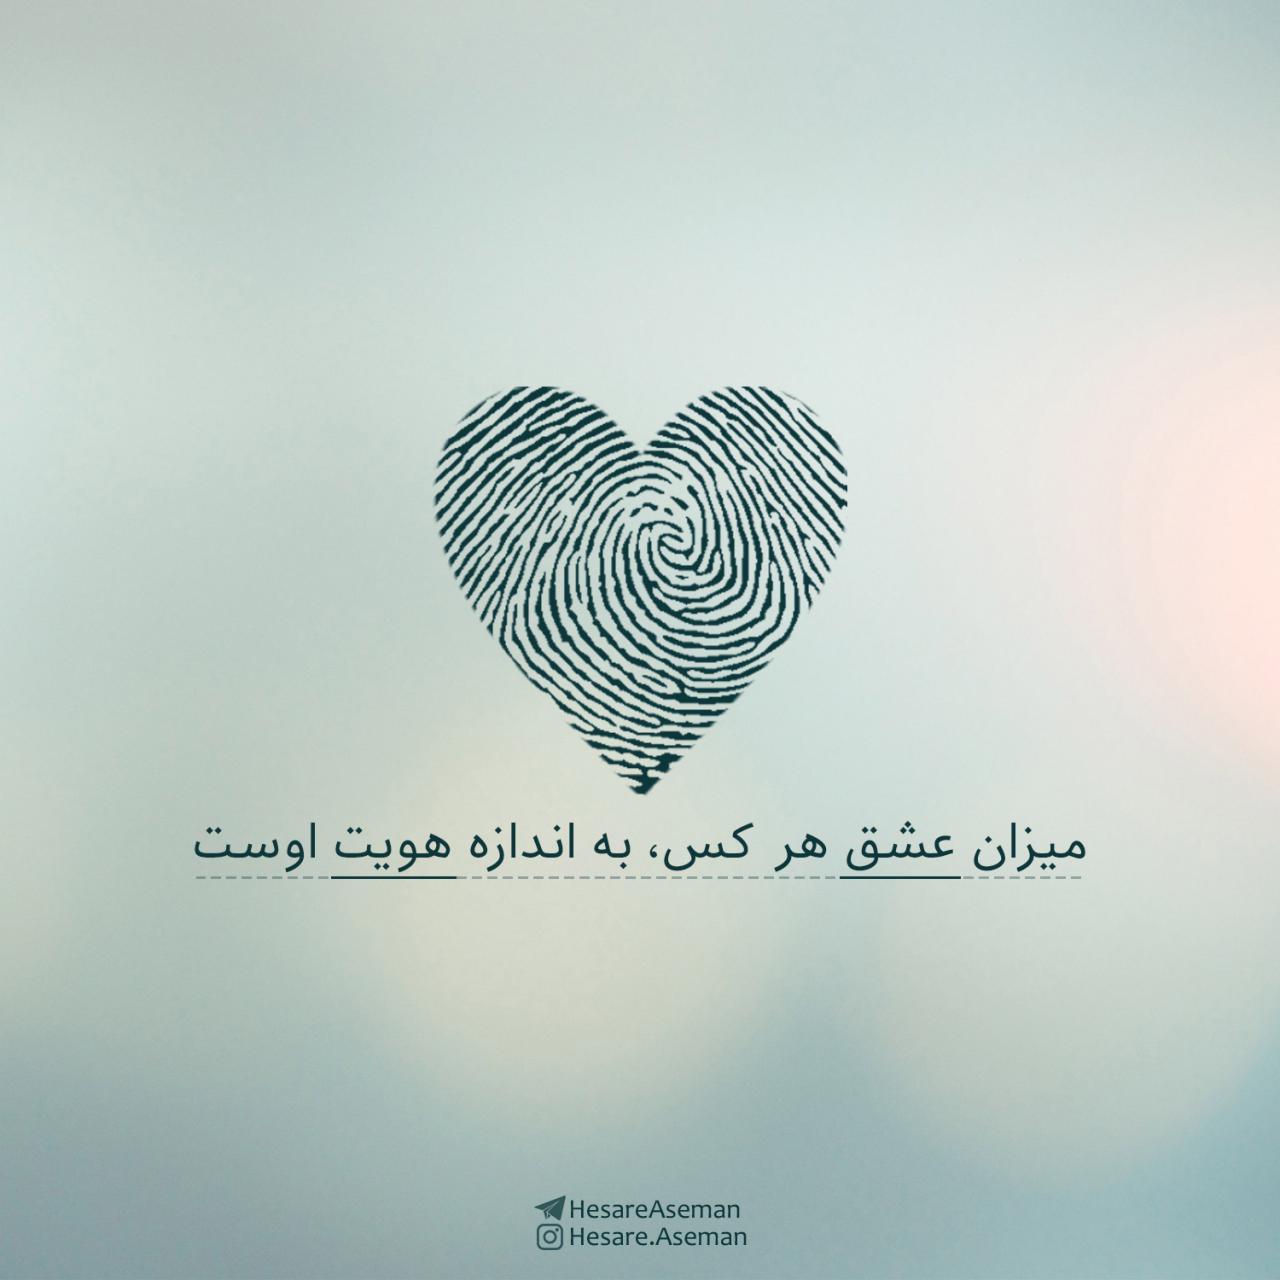 تا ابد هم از اینکه بهش گفتم دوستت دارم، پشیمون نمیشم